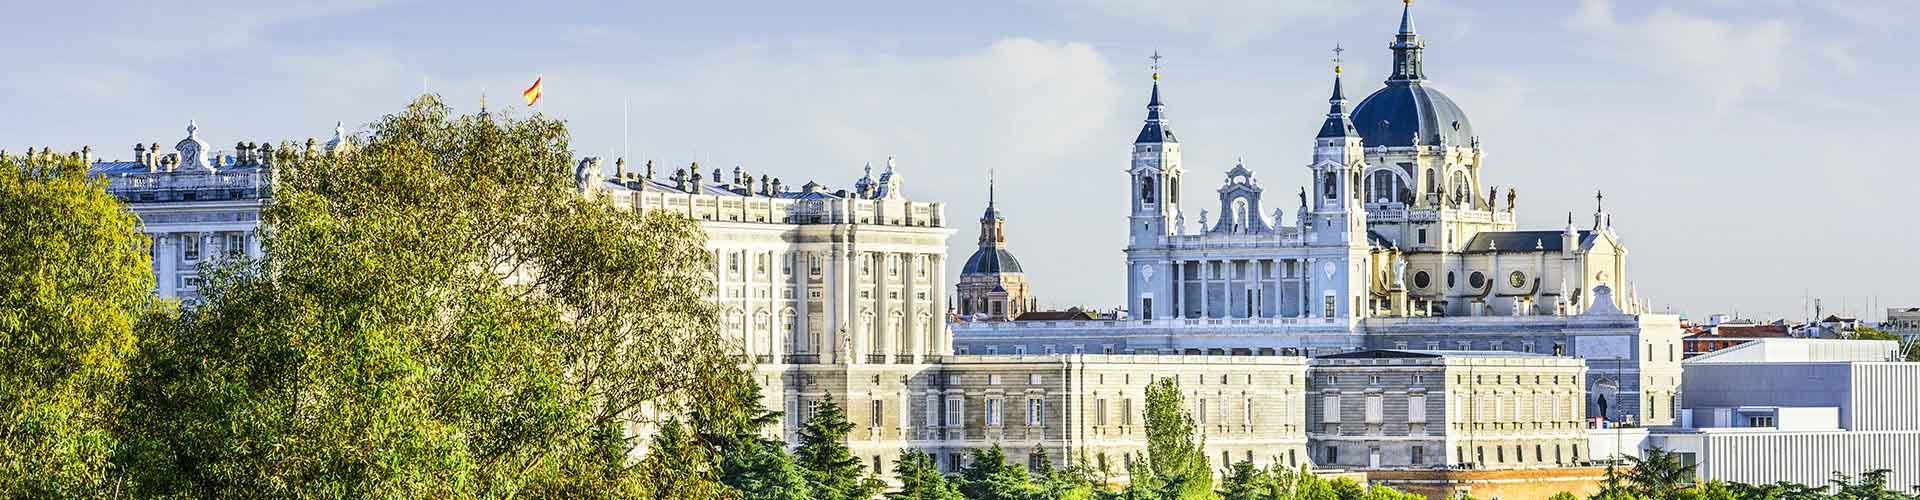 Madrid - Ifjúsági Szállások Madrid. Madrid térképek, fotók és ajánlások minden egyes Ifjúsági Szállások: Madrid.